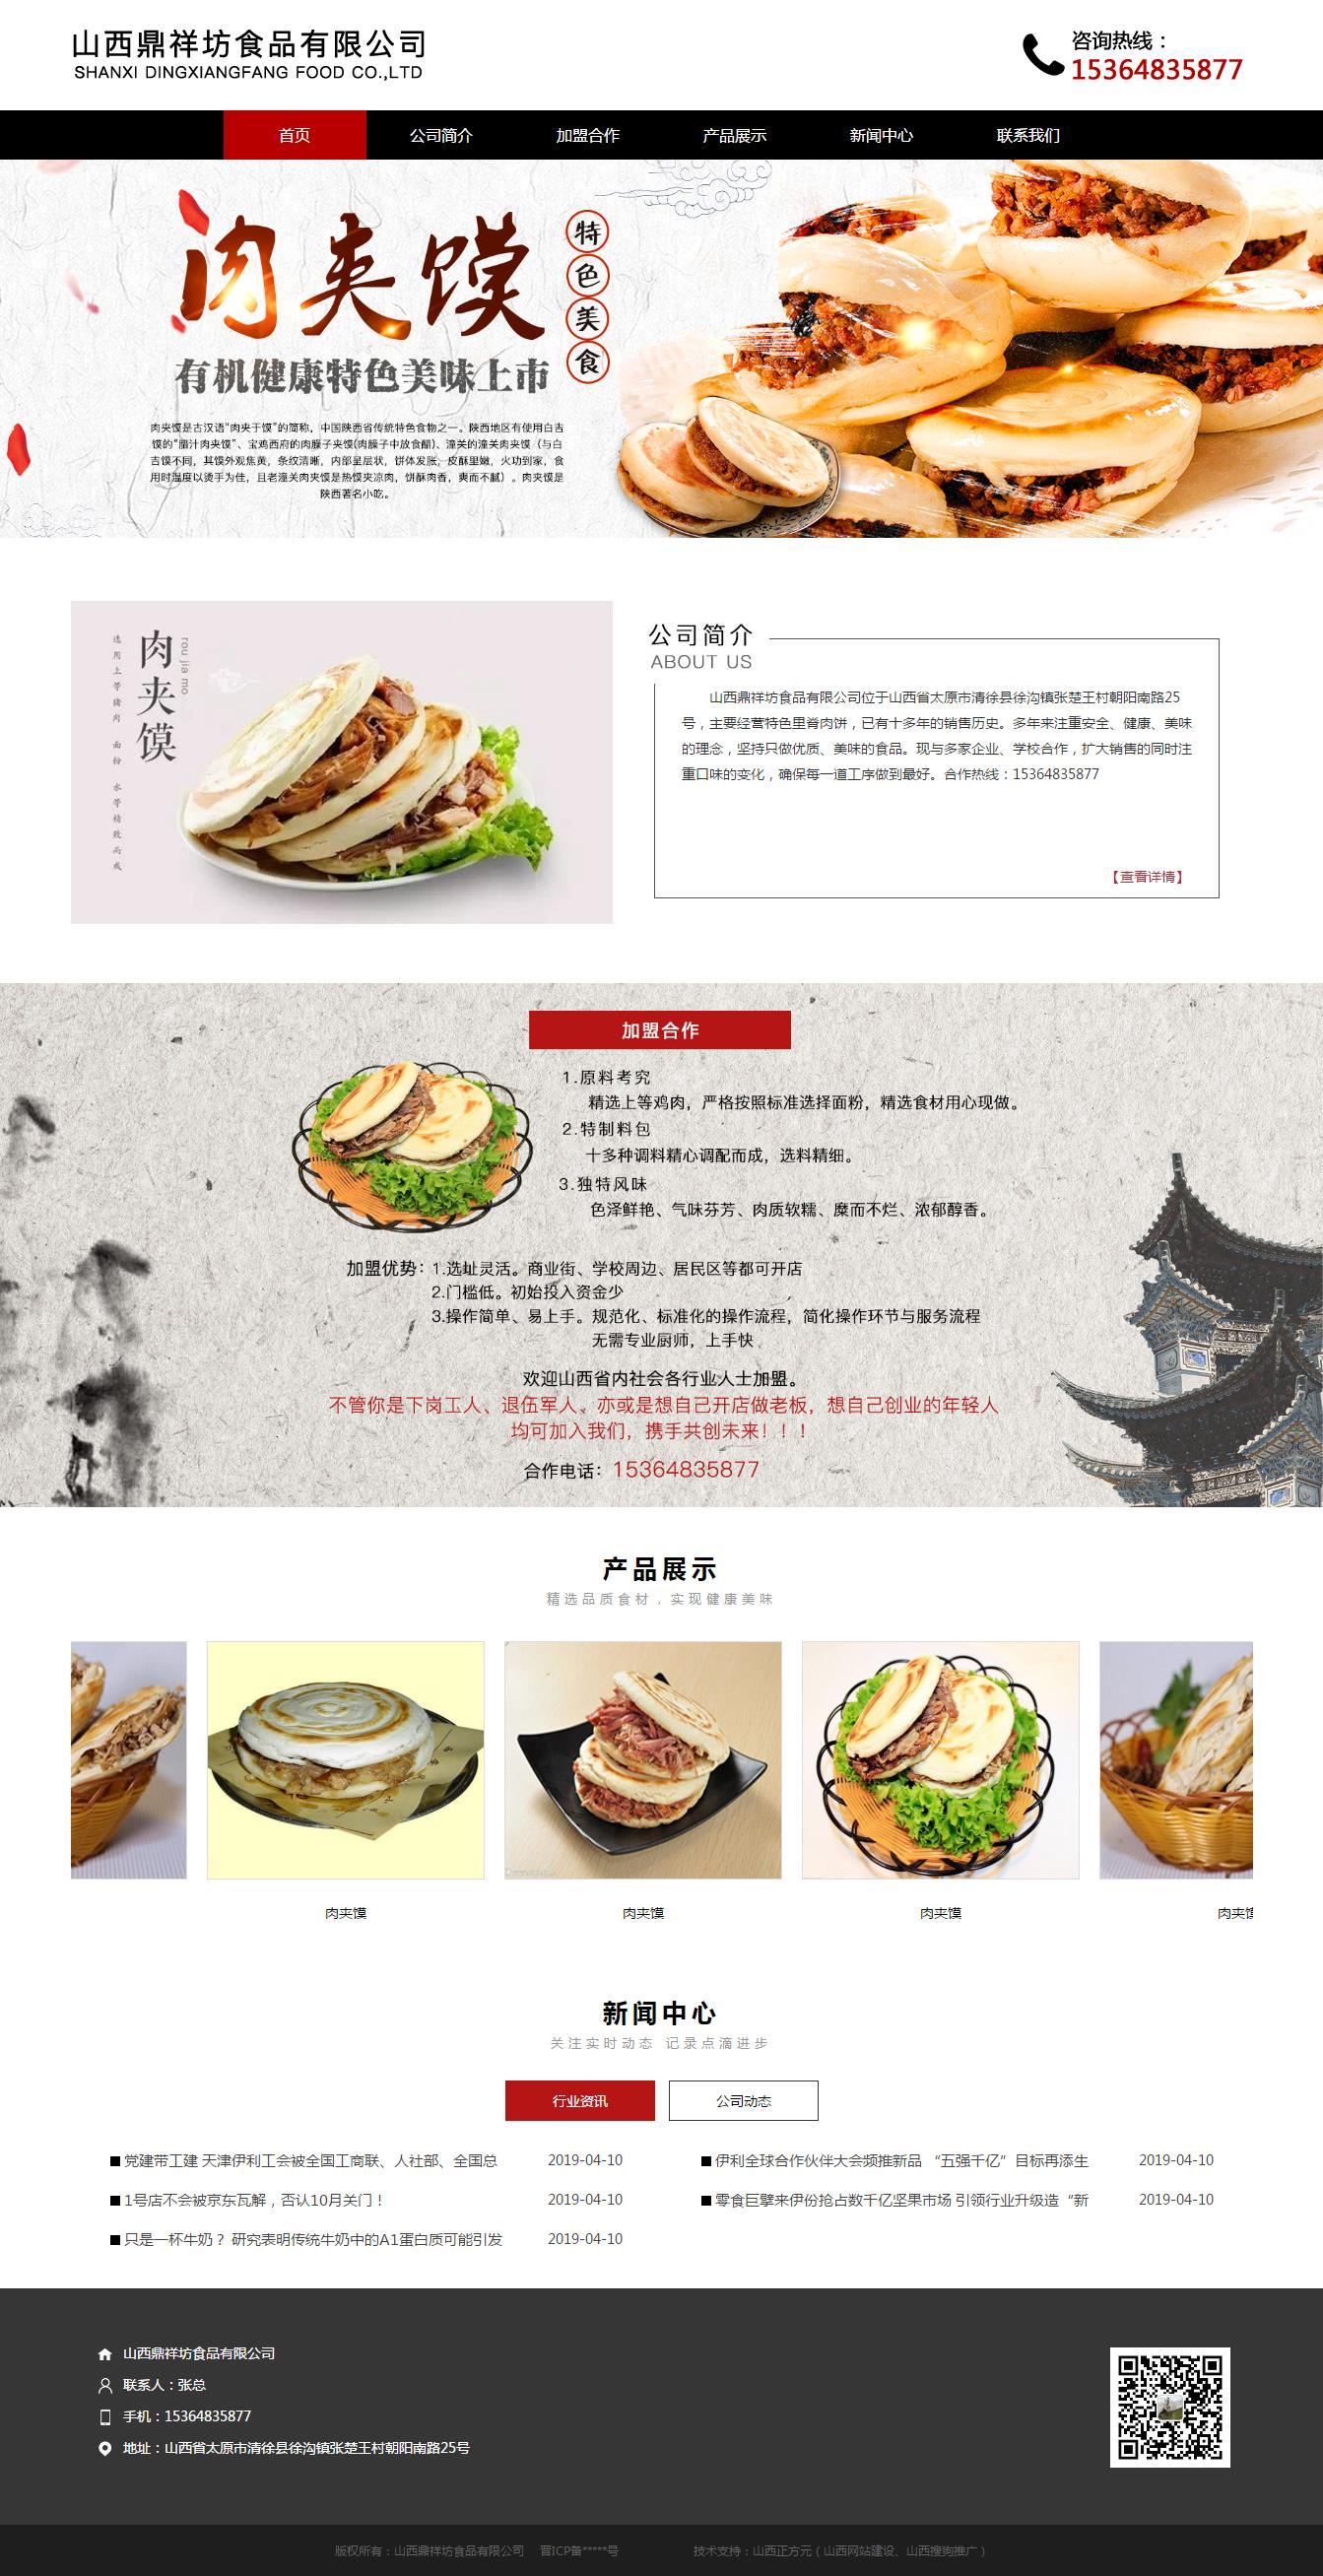 易胜博ysb248网址-太原鼎祥坊食品有限公司